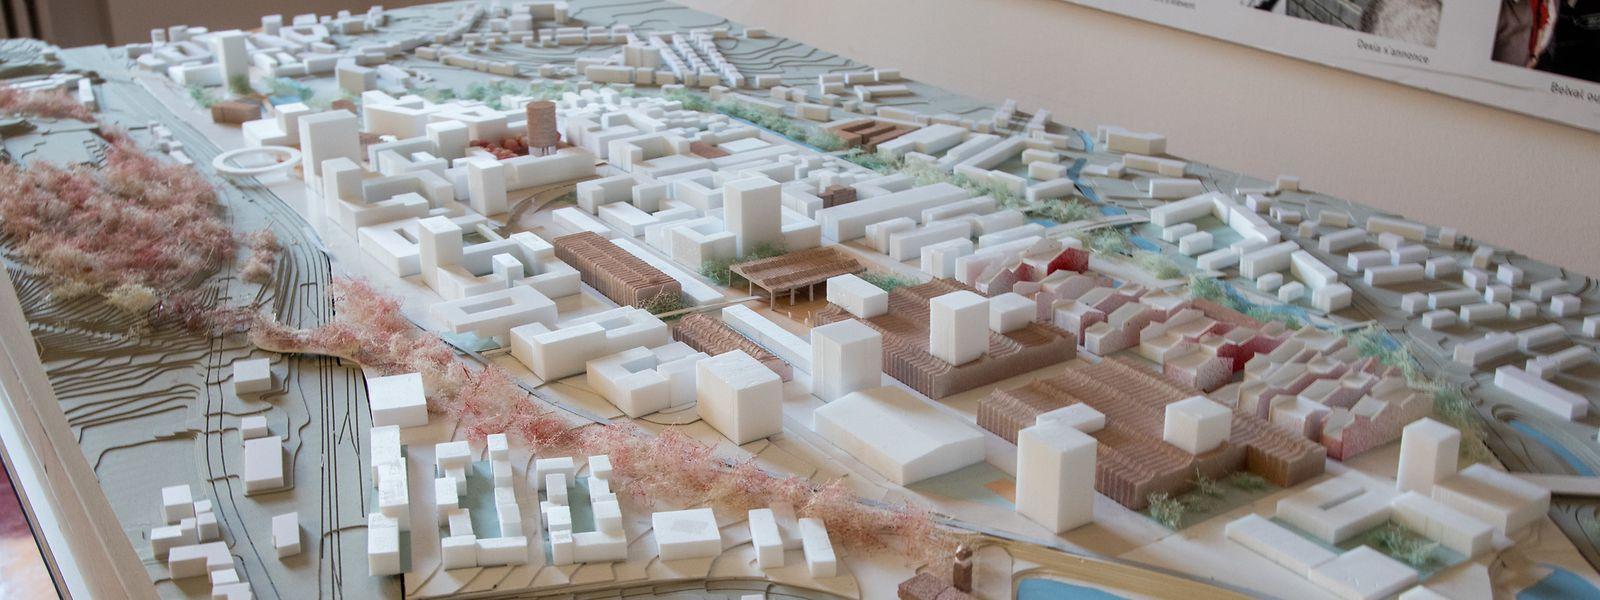 So sieht das Modell des dänischen Architektenteams Cobe aus, das für die Revitalisierung der Brache der Metzerschmelz zurückbehalten wurde.